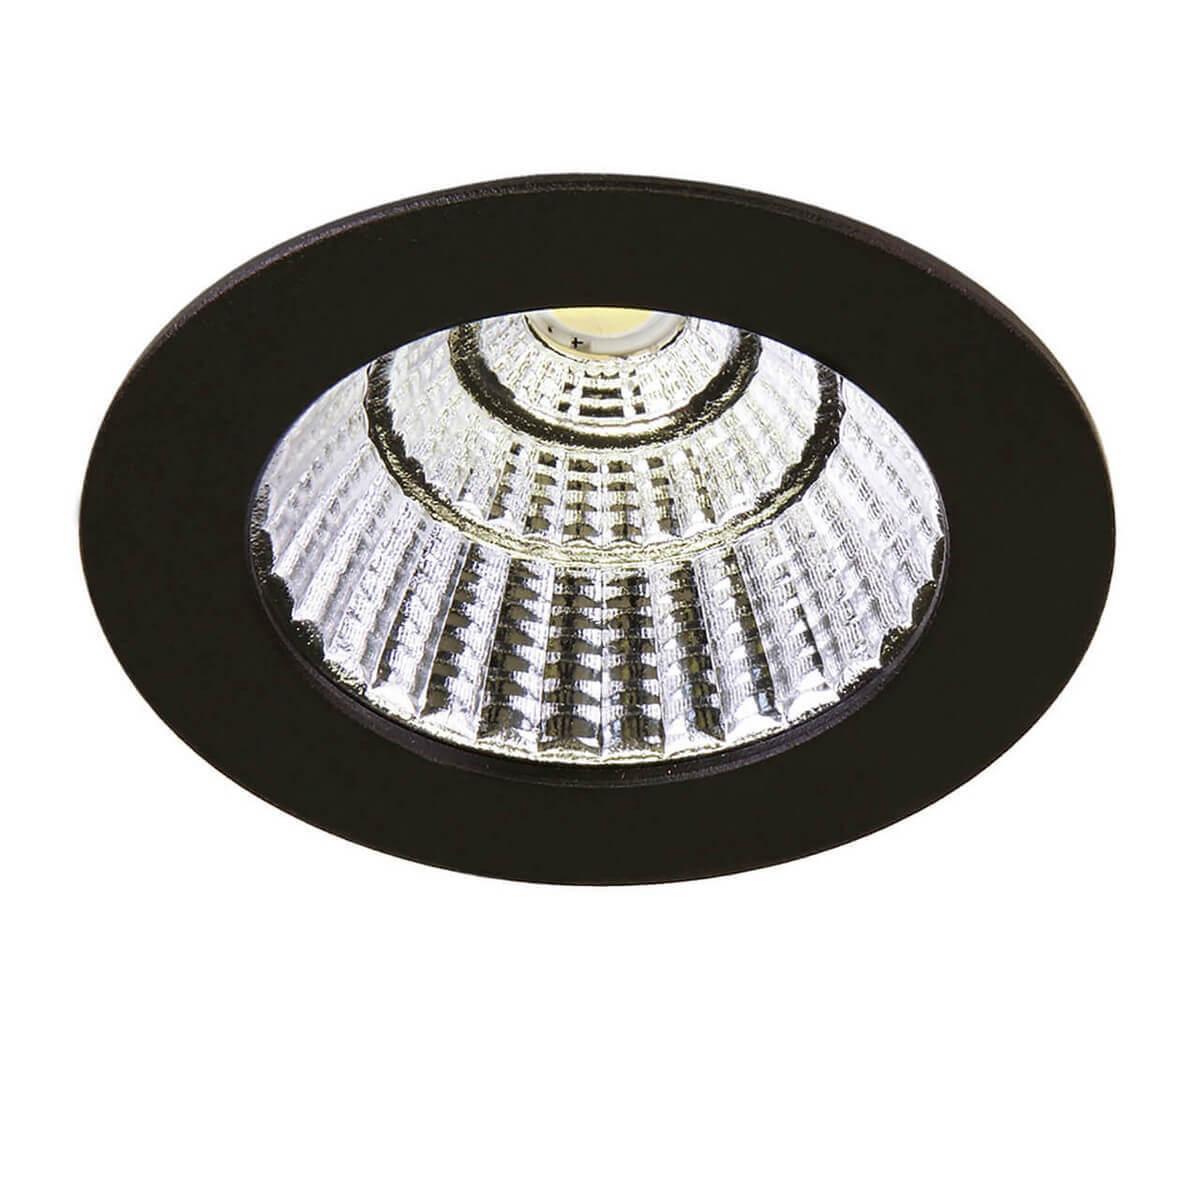 Встраиваемый светильник Lightstar Soffi 11 212417 цена в Москве и Питере